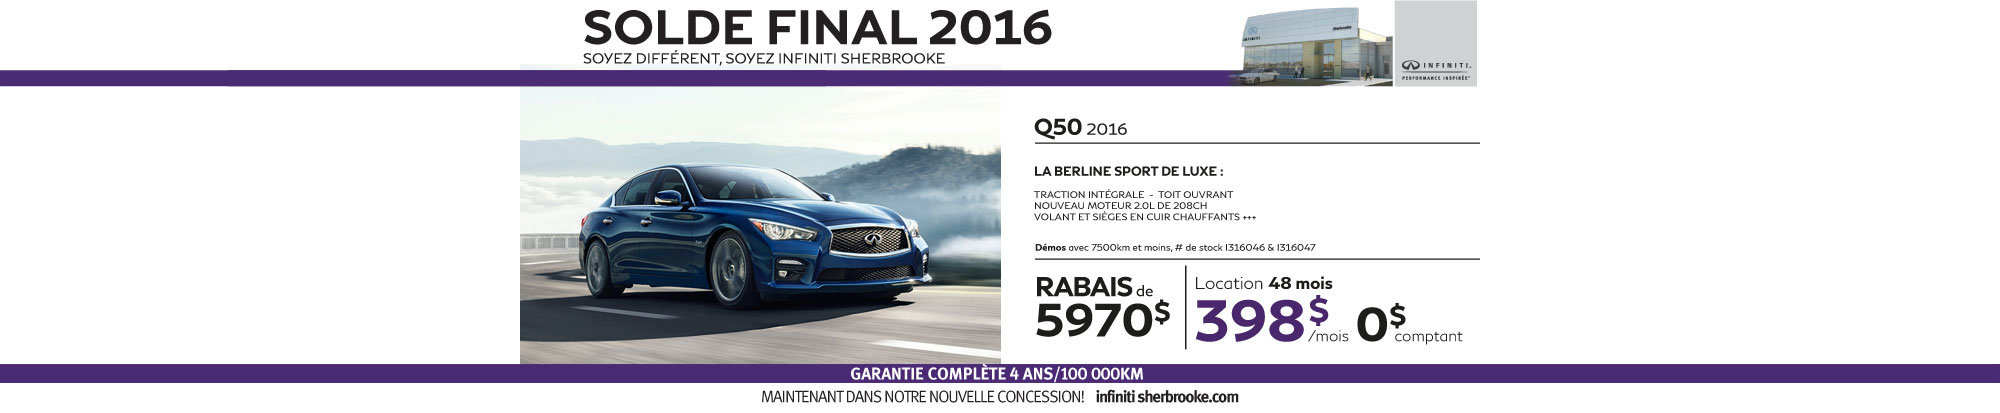 La nouvelle Q50 2016 est arrivée